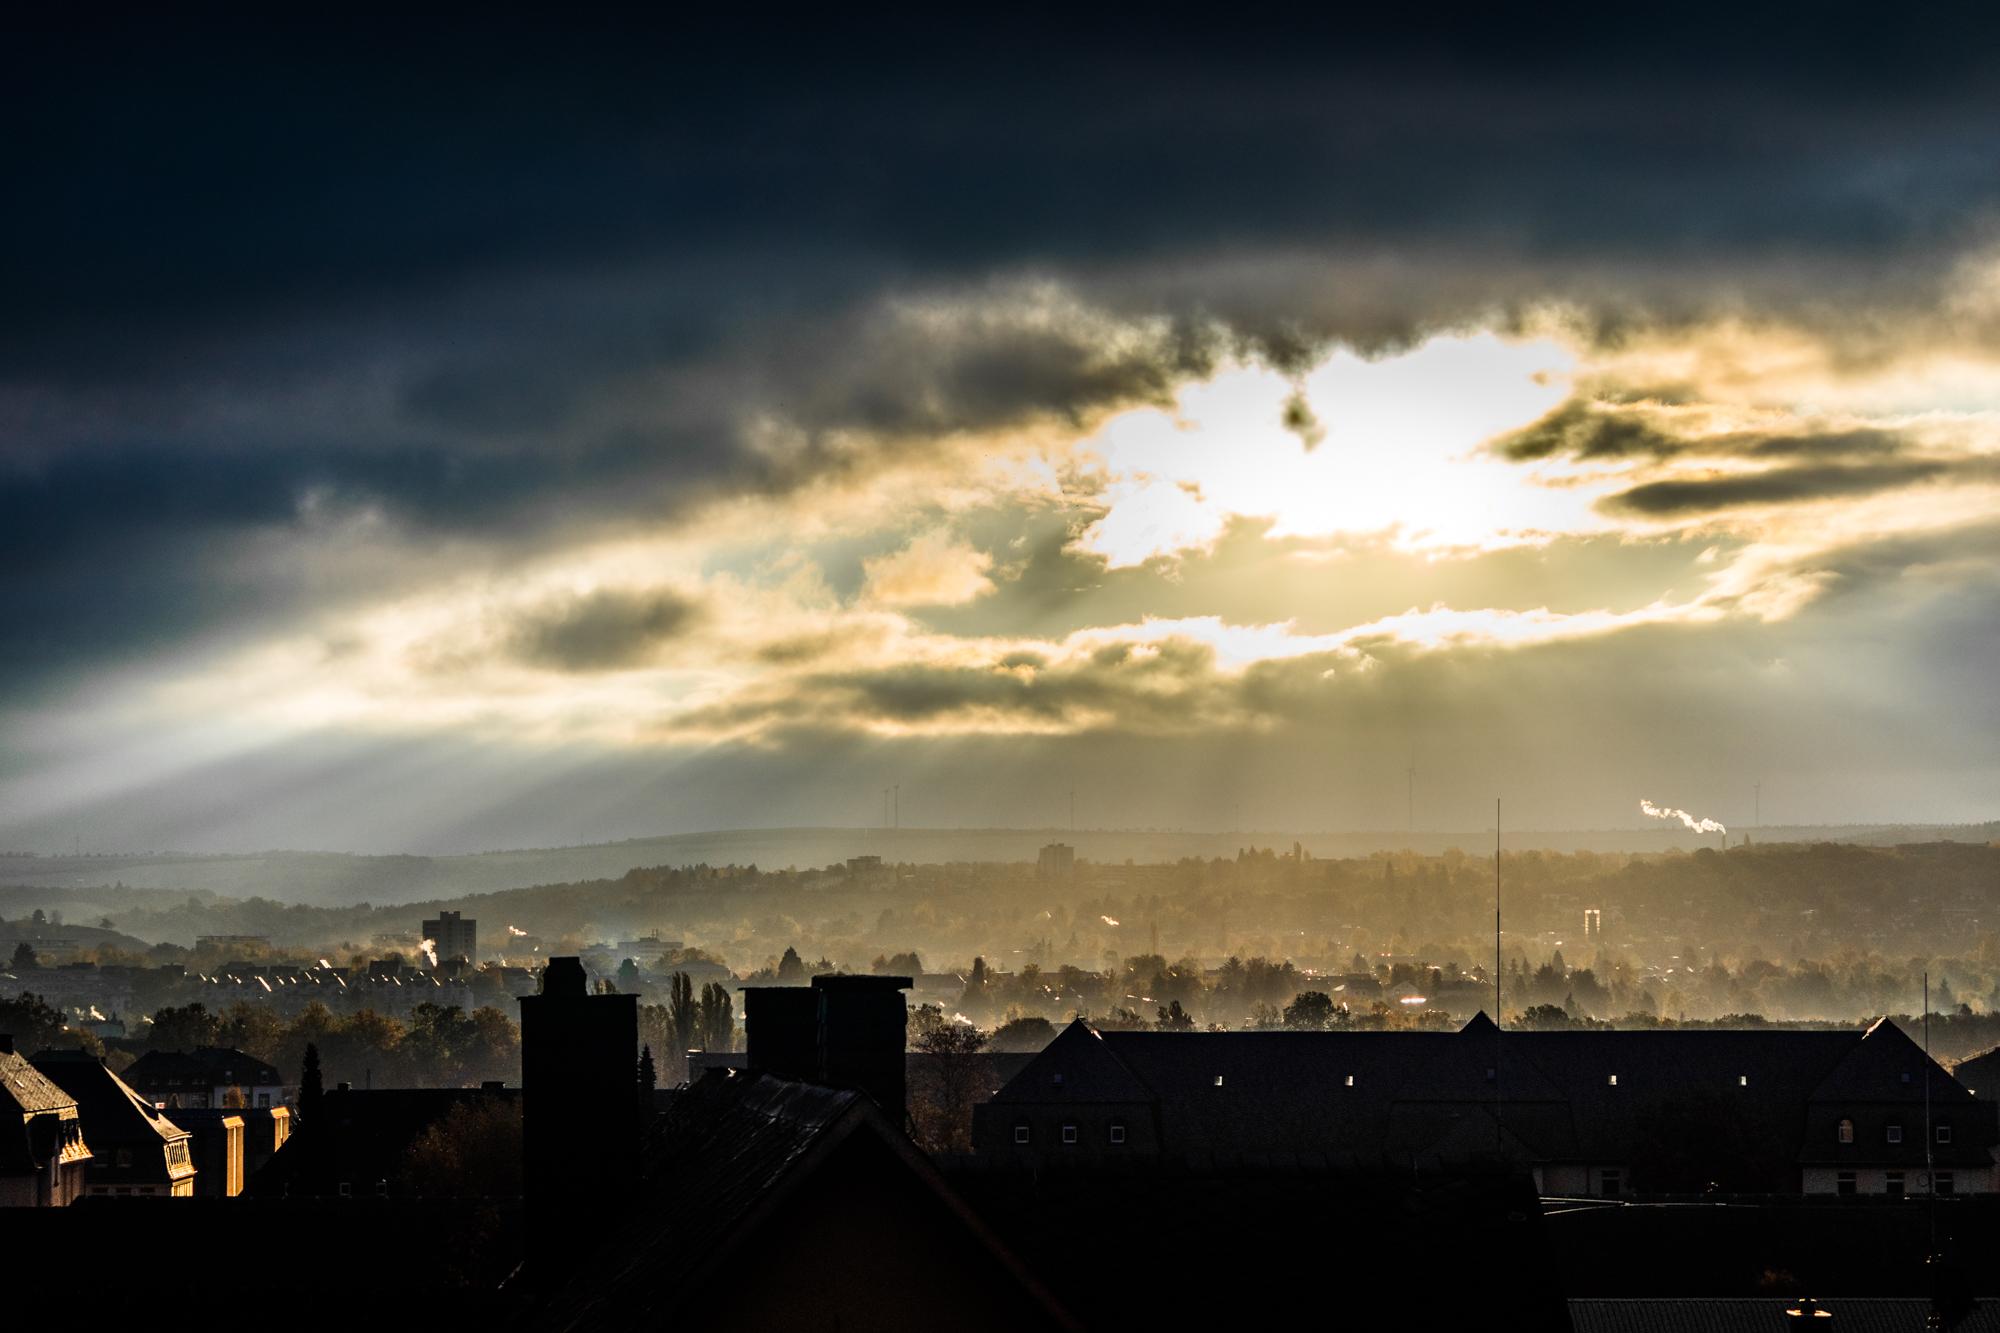 Klicken Sie auf die Grafik für eine größere Ansicht  Name:Dramatischer Sonnenaufgang über Trier_klein.jpg Hits:64 Größe:1,13 MB ID:1017920